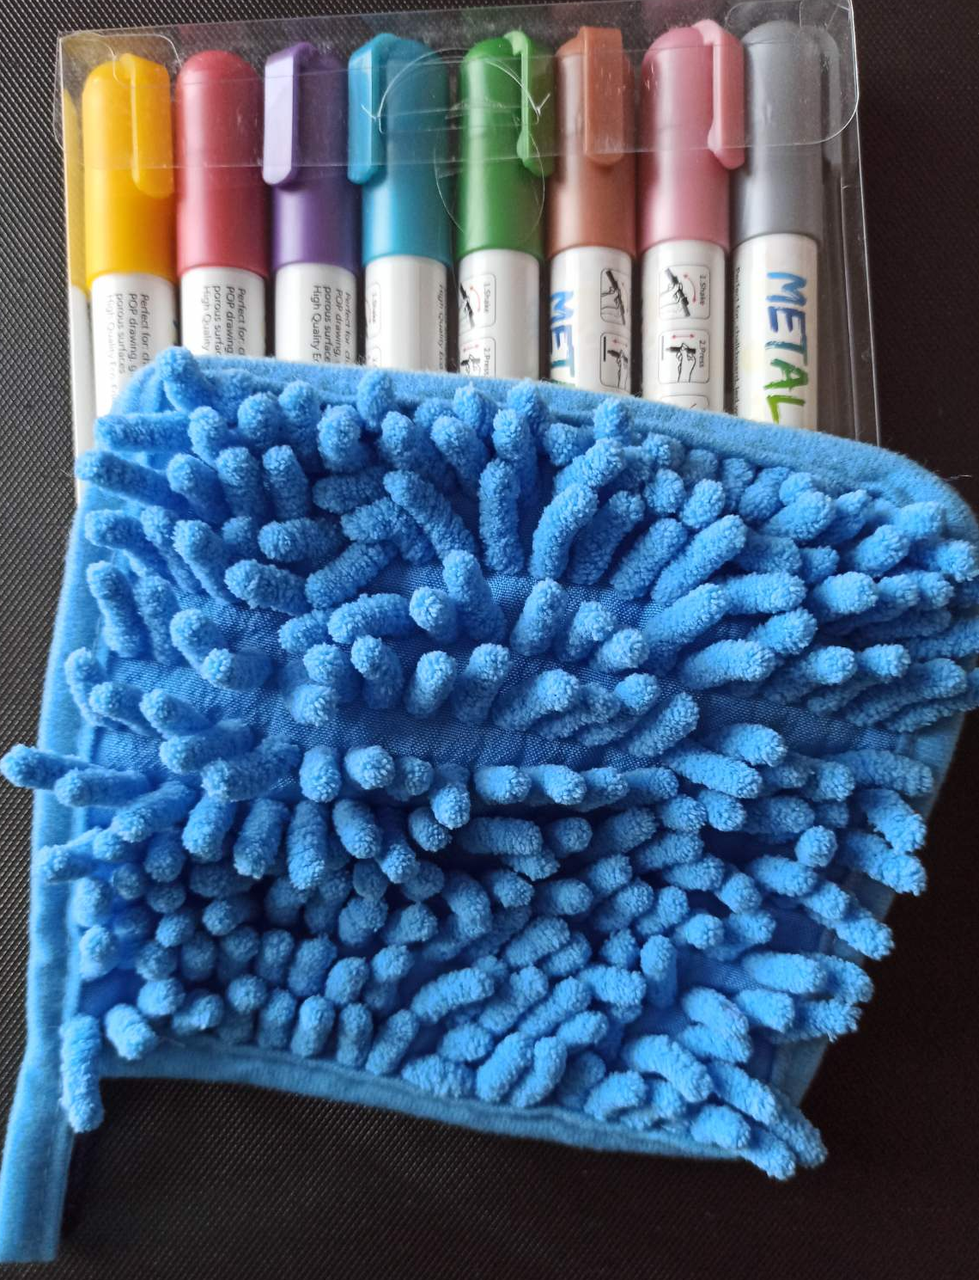 Набор металлик маркеры для грифельных Led досок 8 цветов Sipa Metallic+губка из микрофибры